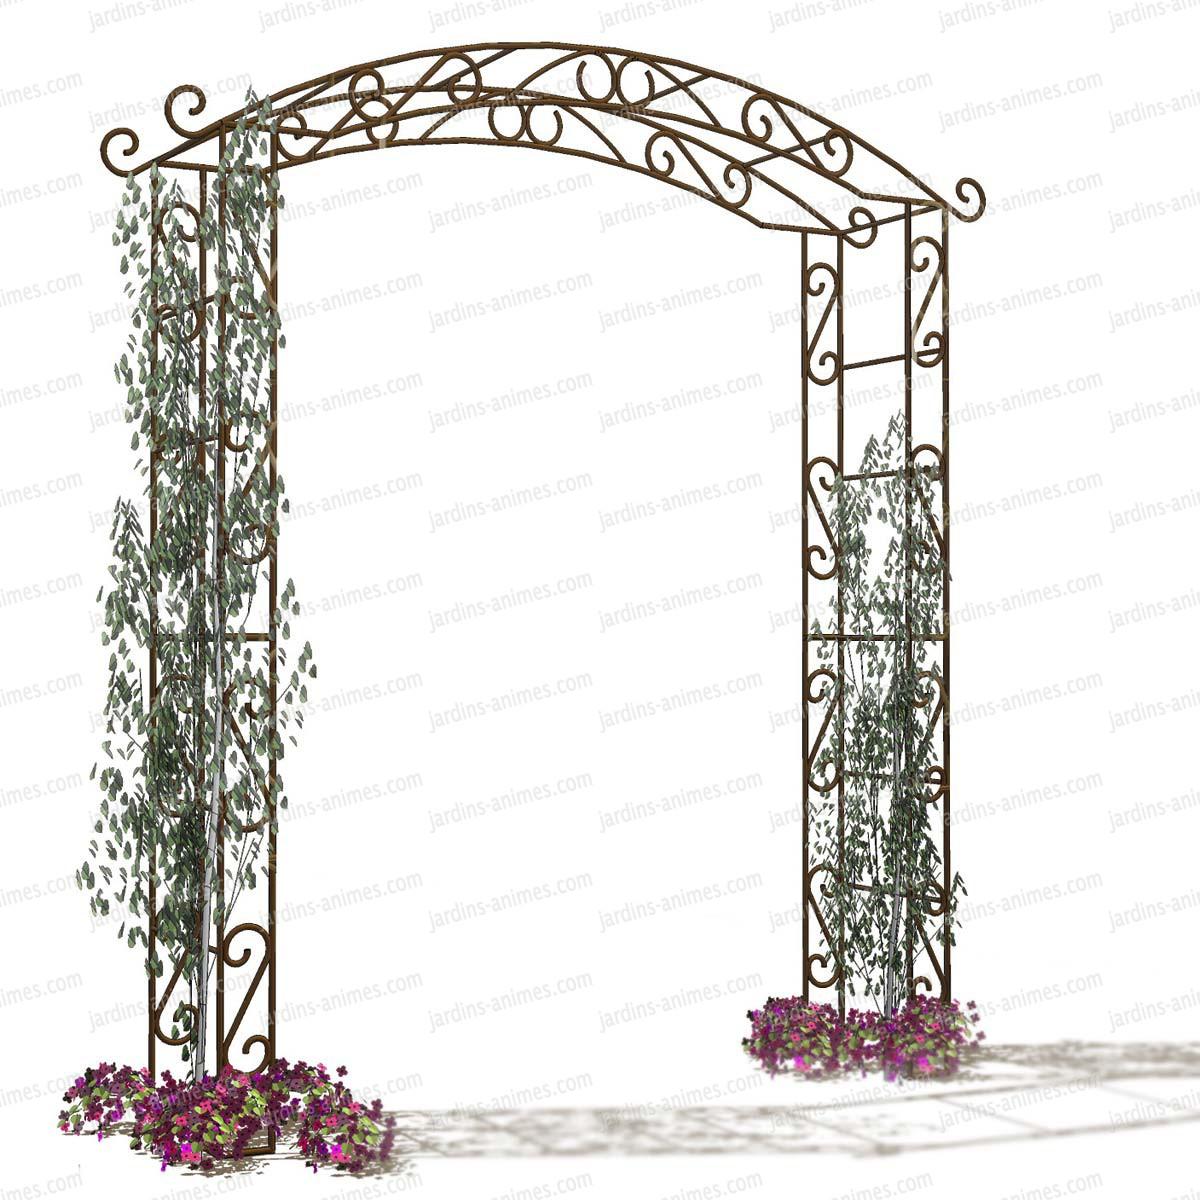 Arche de jardin pagode arches kiosque et marquise for Fabriquer une arche de jardin